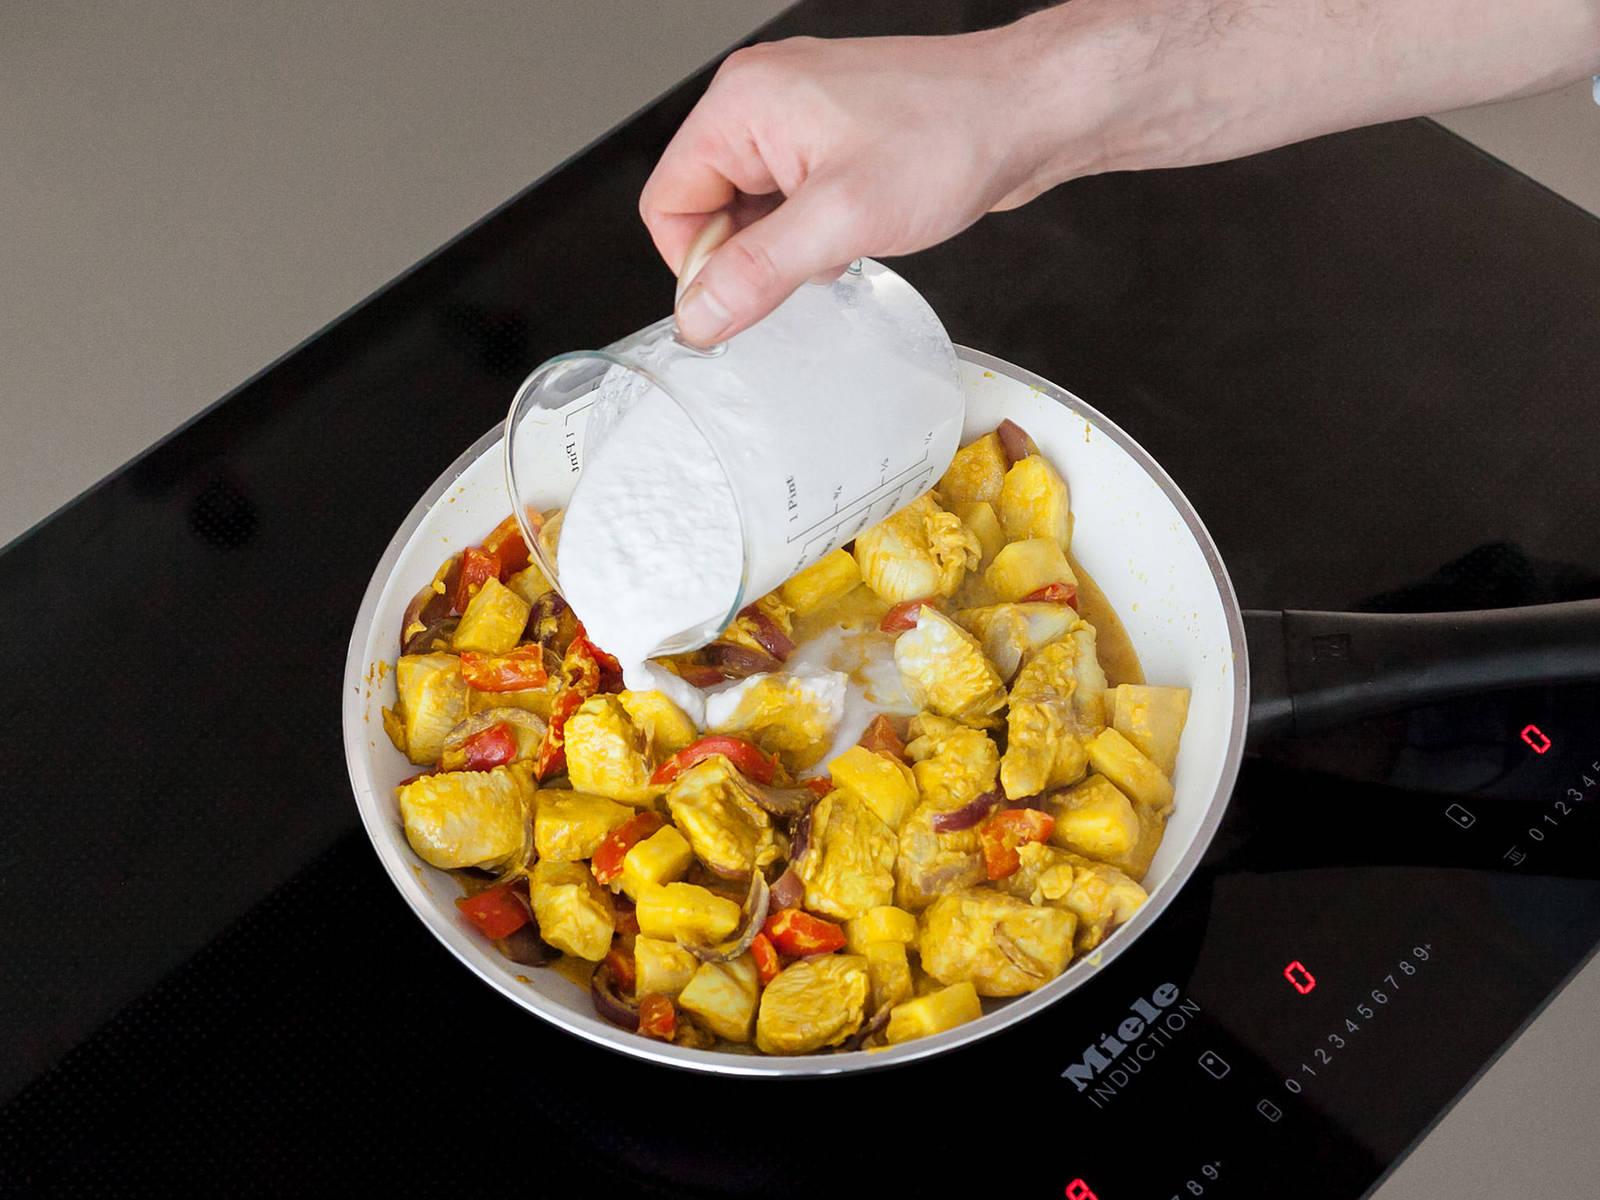 倒入菠萝、椰奶、留出的酱汁和剁碎的腰果,盖上盖子,中低火煮10分钟。不时翻搅。放入盐、辣椒片和青柠汁调味,饰以香菜和炸洋葱。佐以米饭享用,祝好胃口!